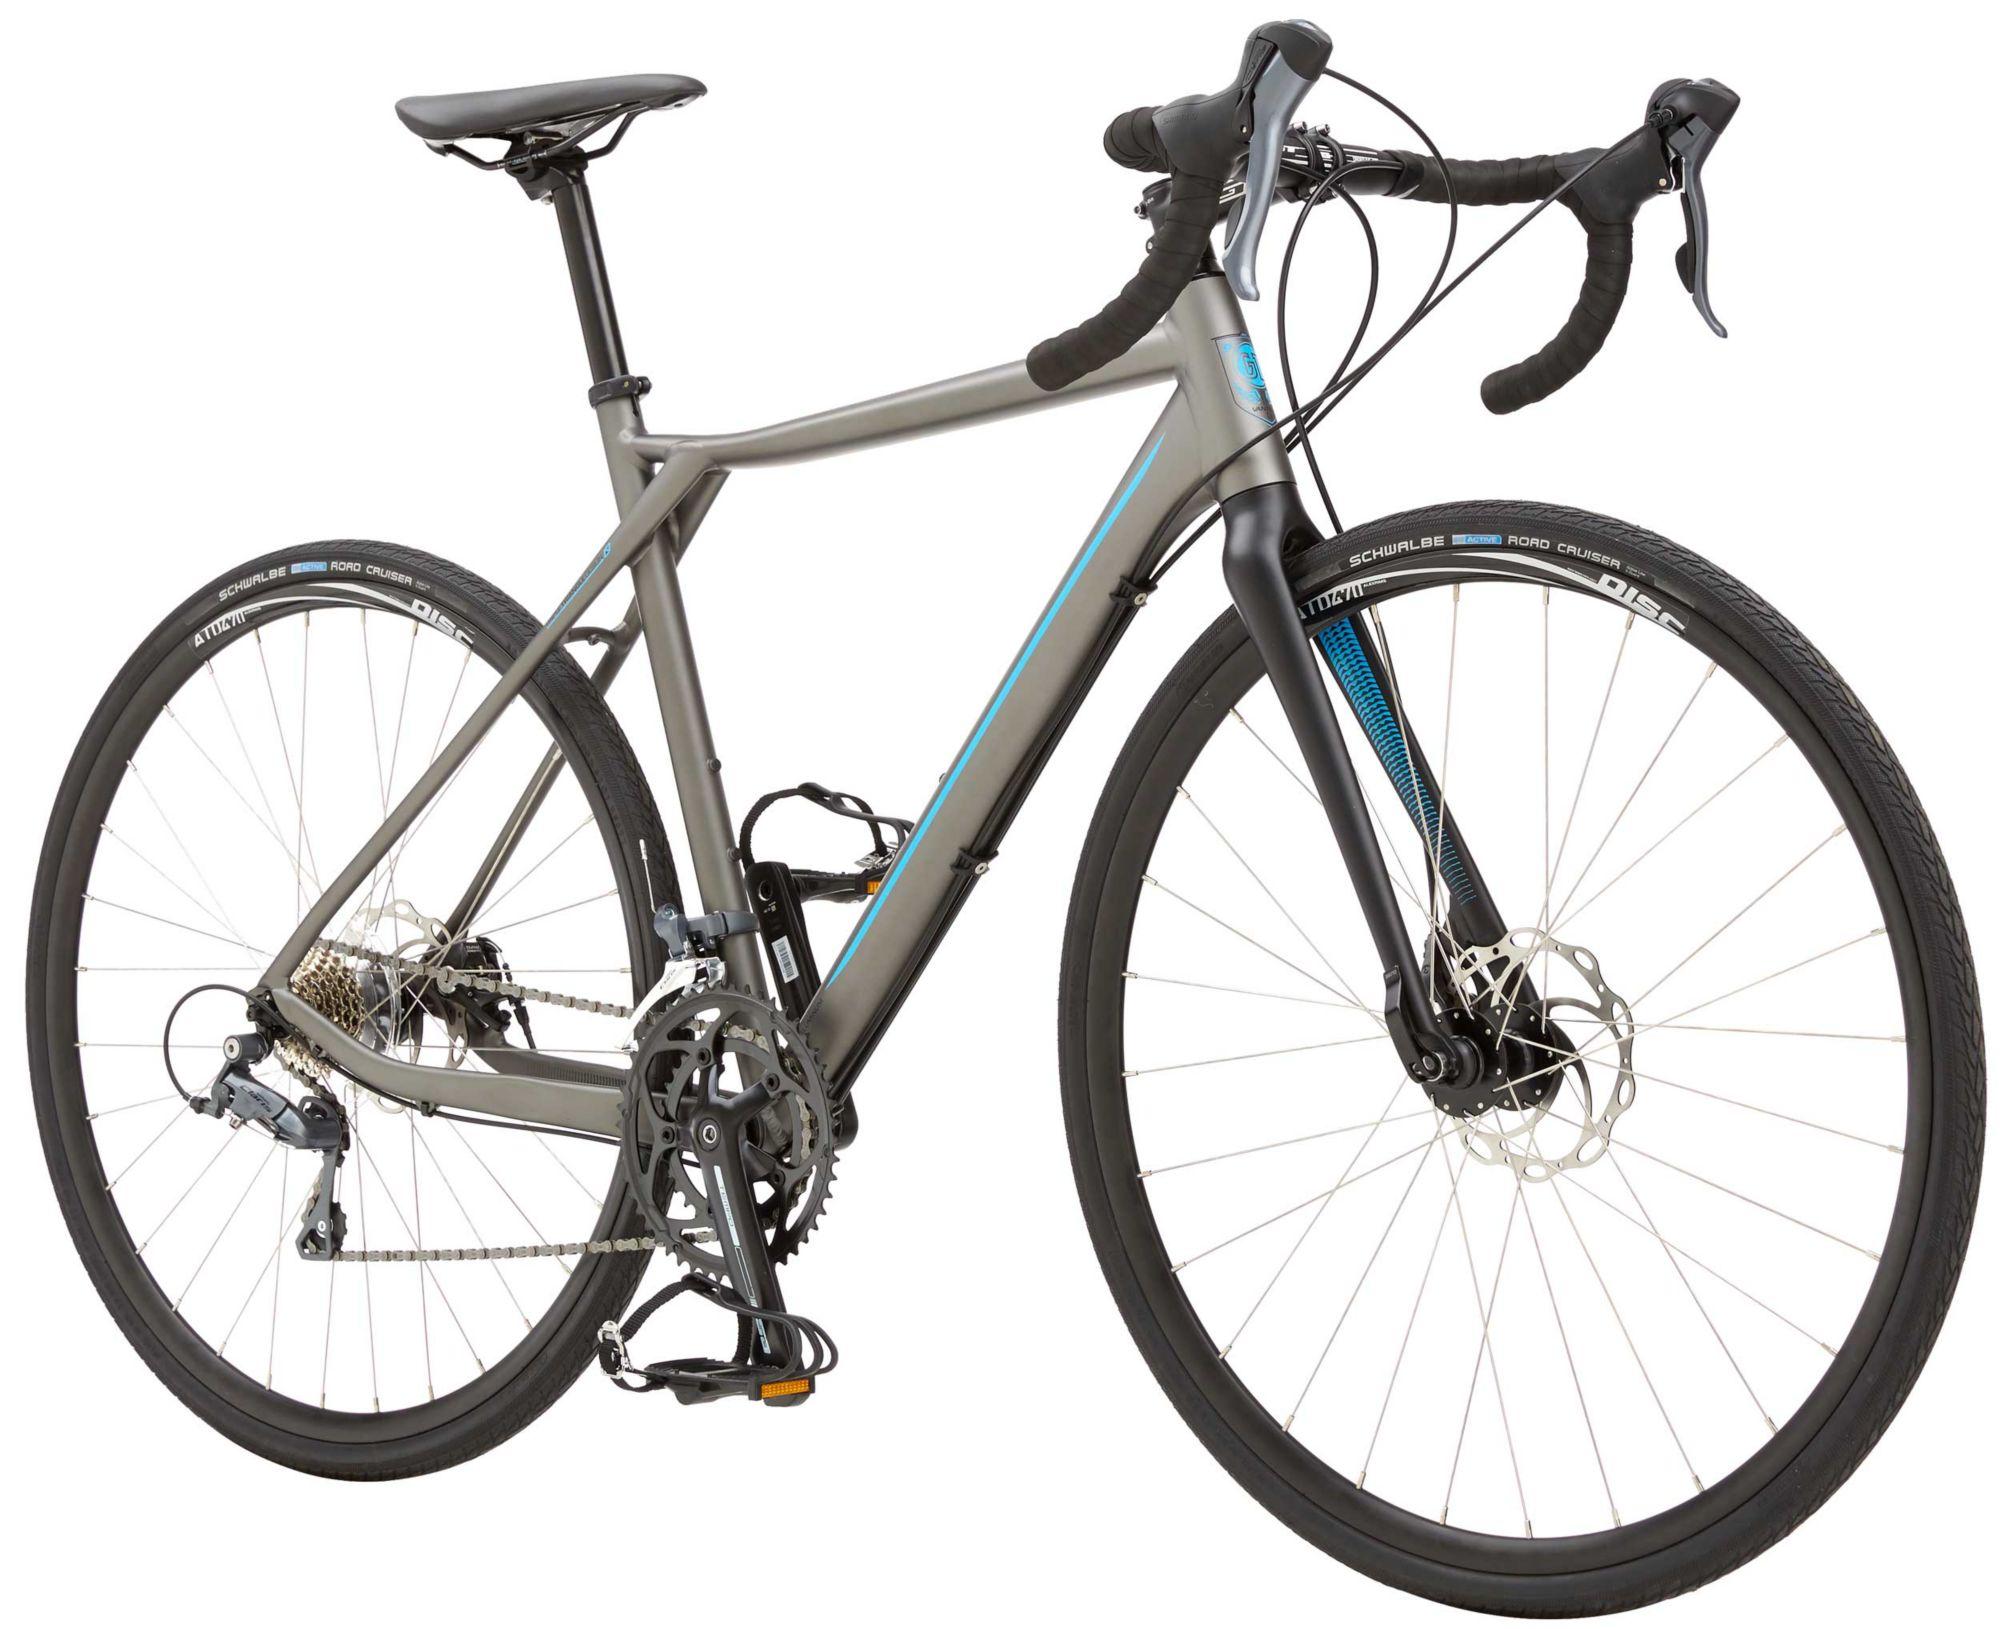 GT Adult Vantara Claris Road Bike DICKS Sporting Goods